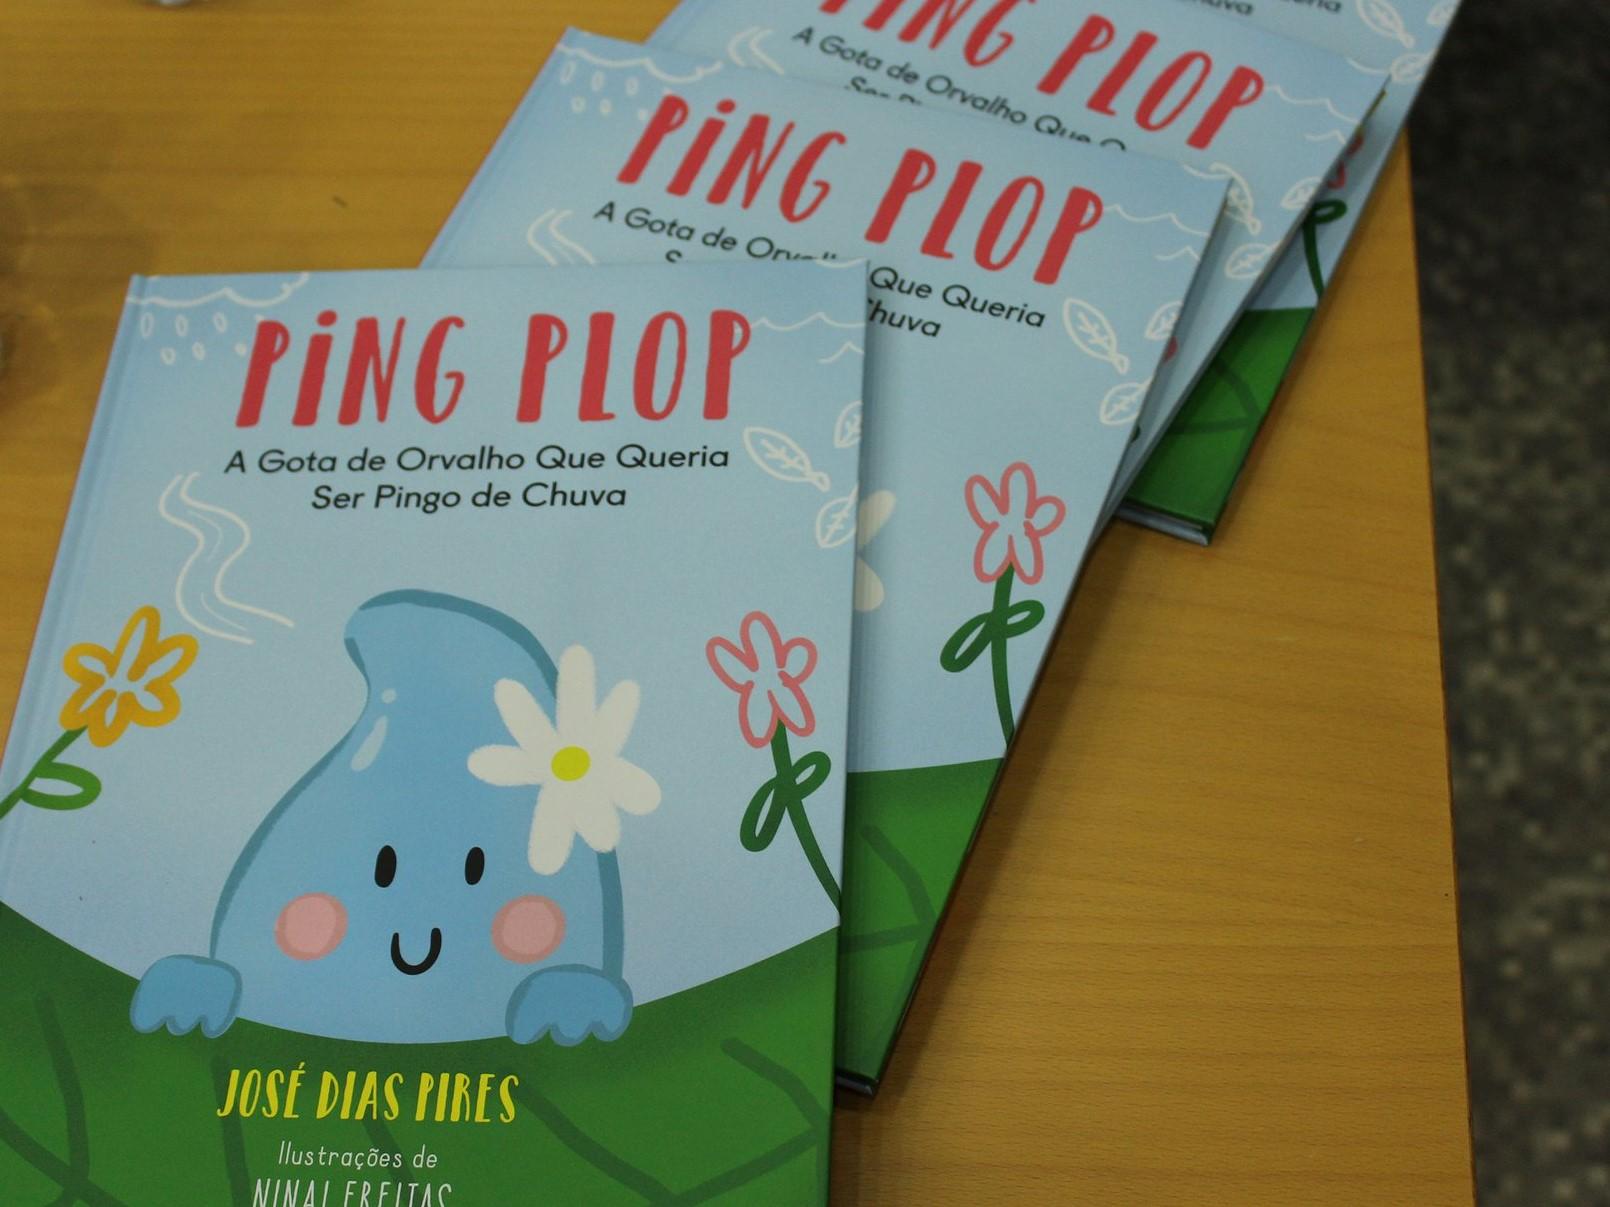 """José Dias Pires publica """"Ping Plop: A gota de orvalho que queria ser pingo de chuva"""""""